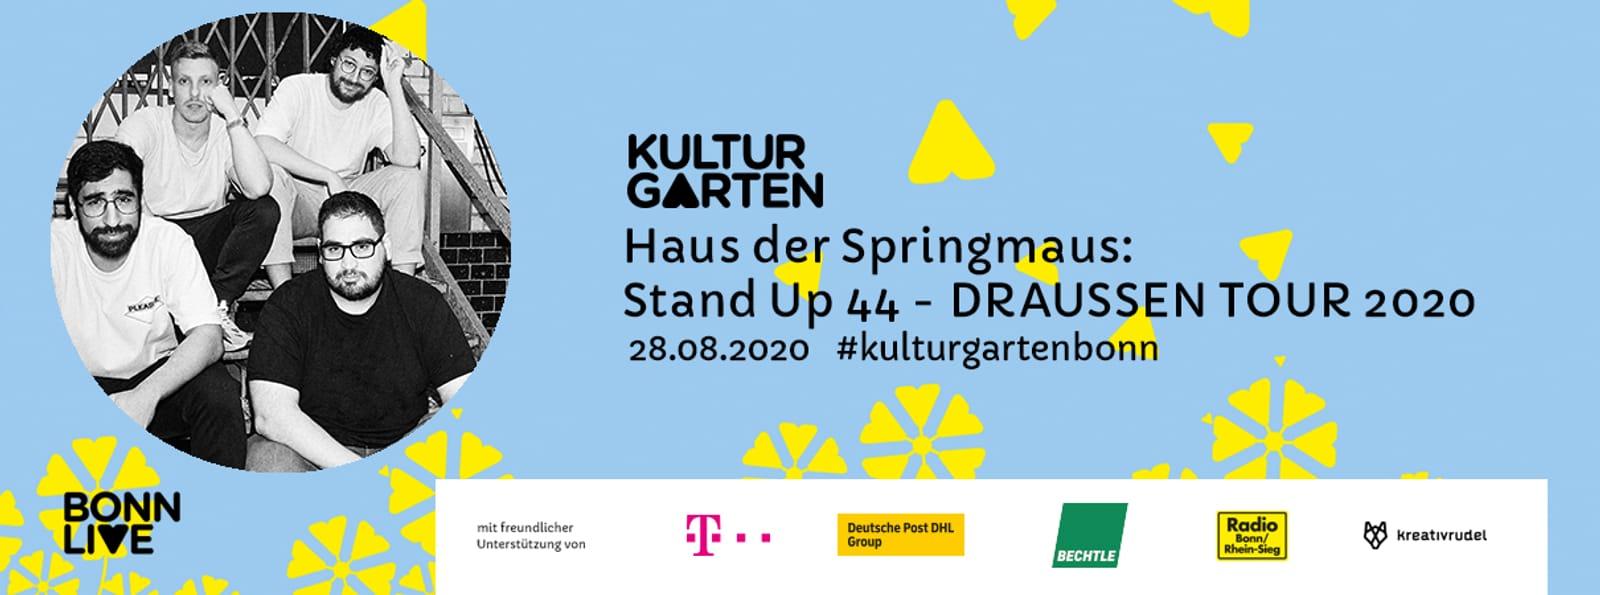 Stand up 44 - DRAUSSEN TOUR 2020  | BonnLive Kulturgarten